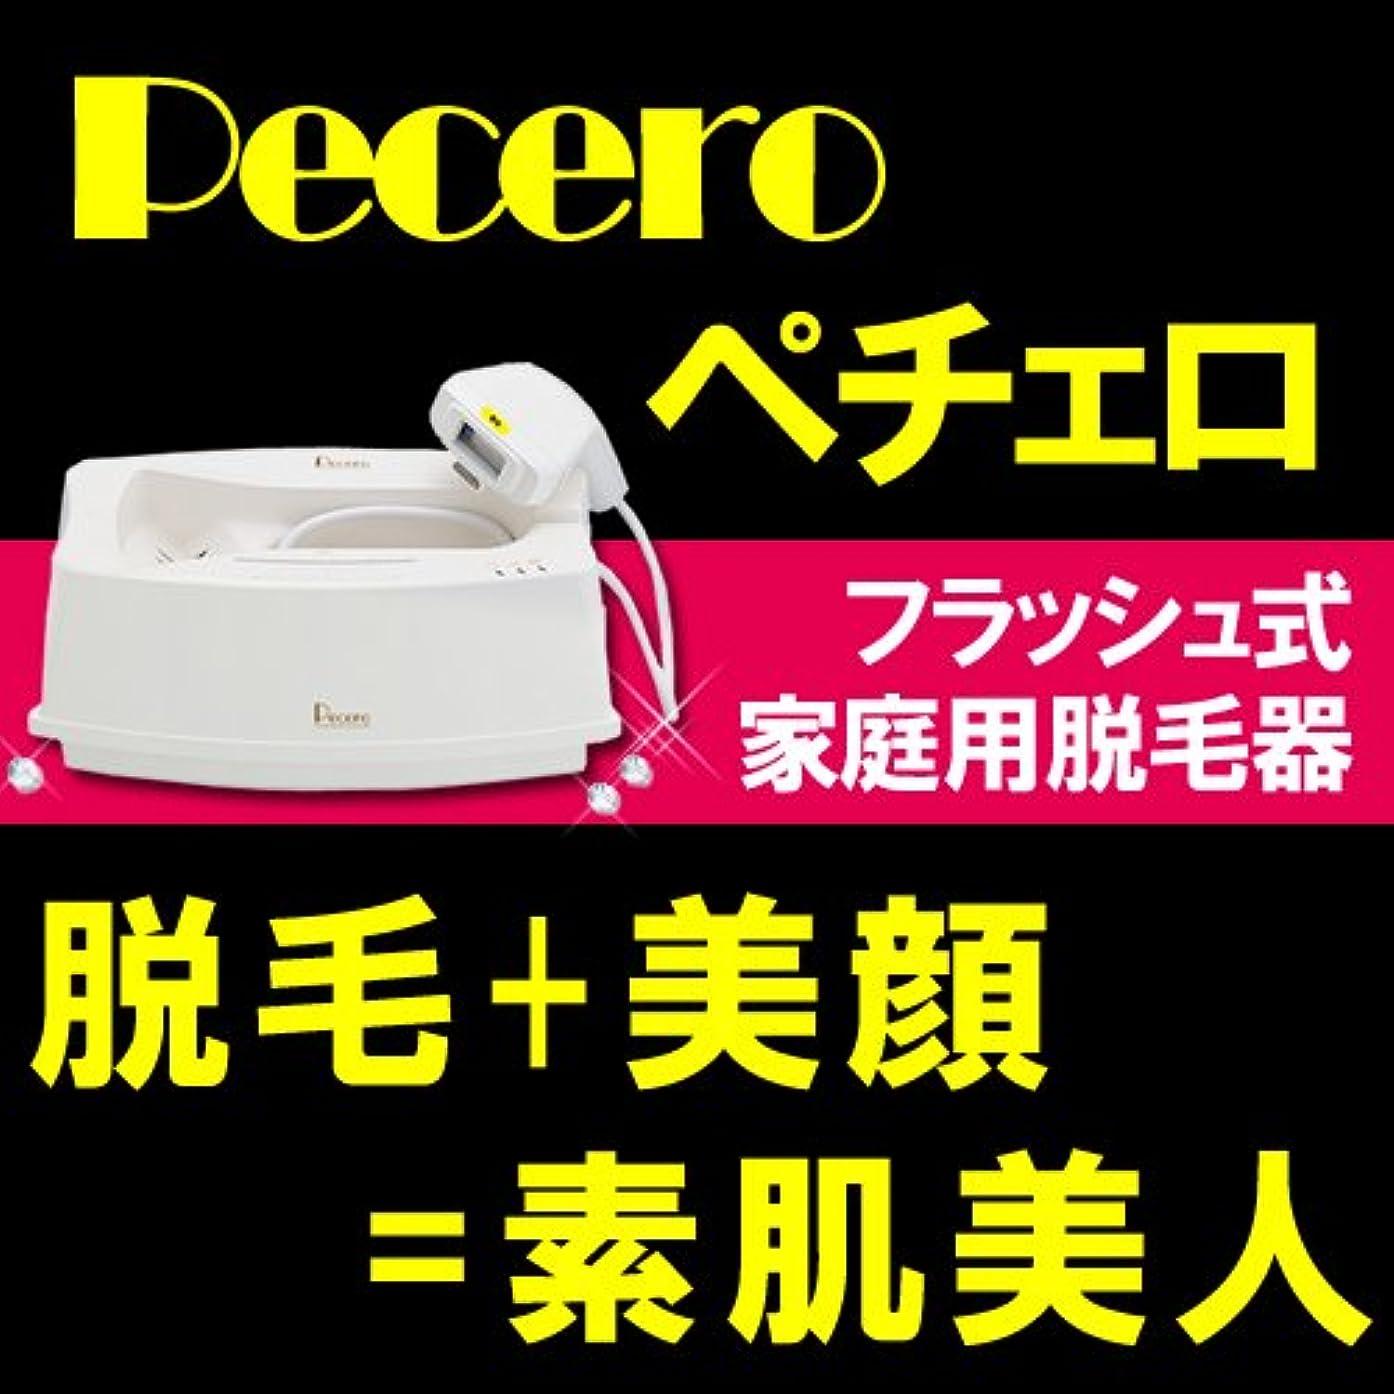 独立したバランスそれぞれ家庭用脱毛器ペチェロ(pecero)